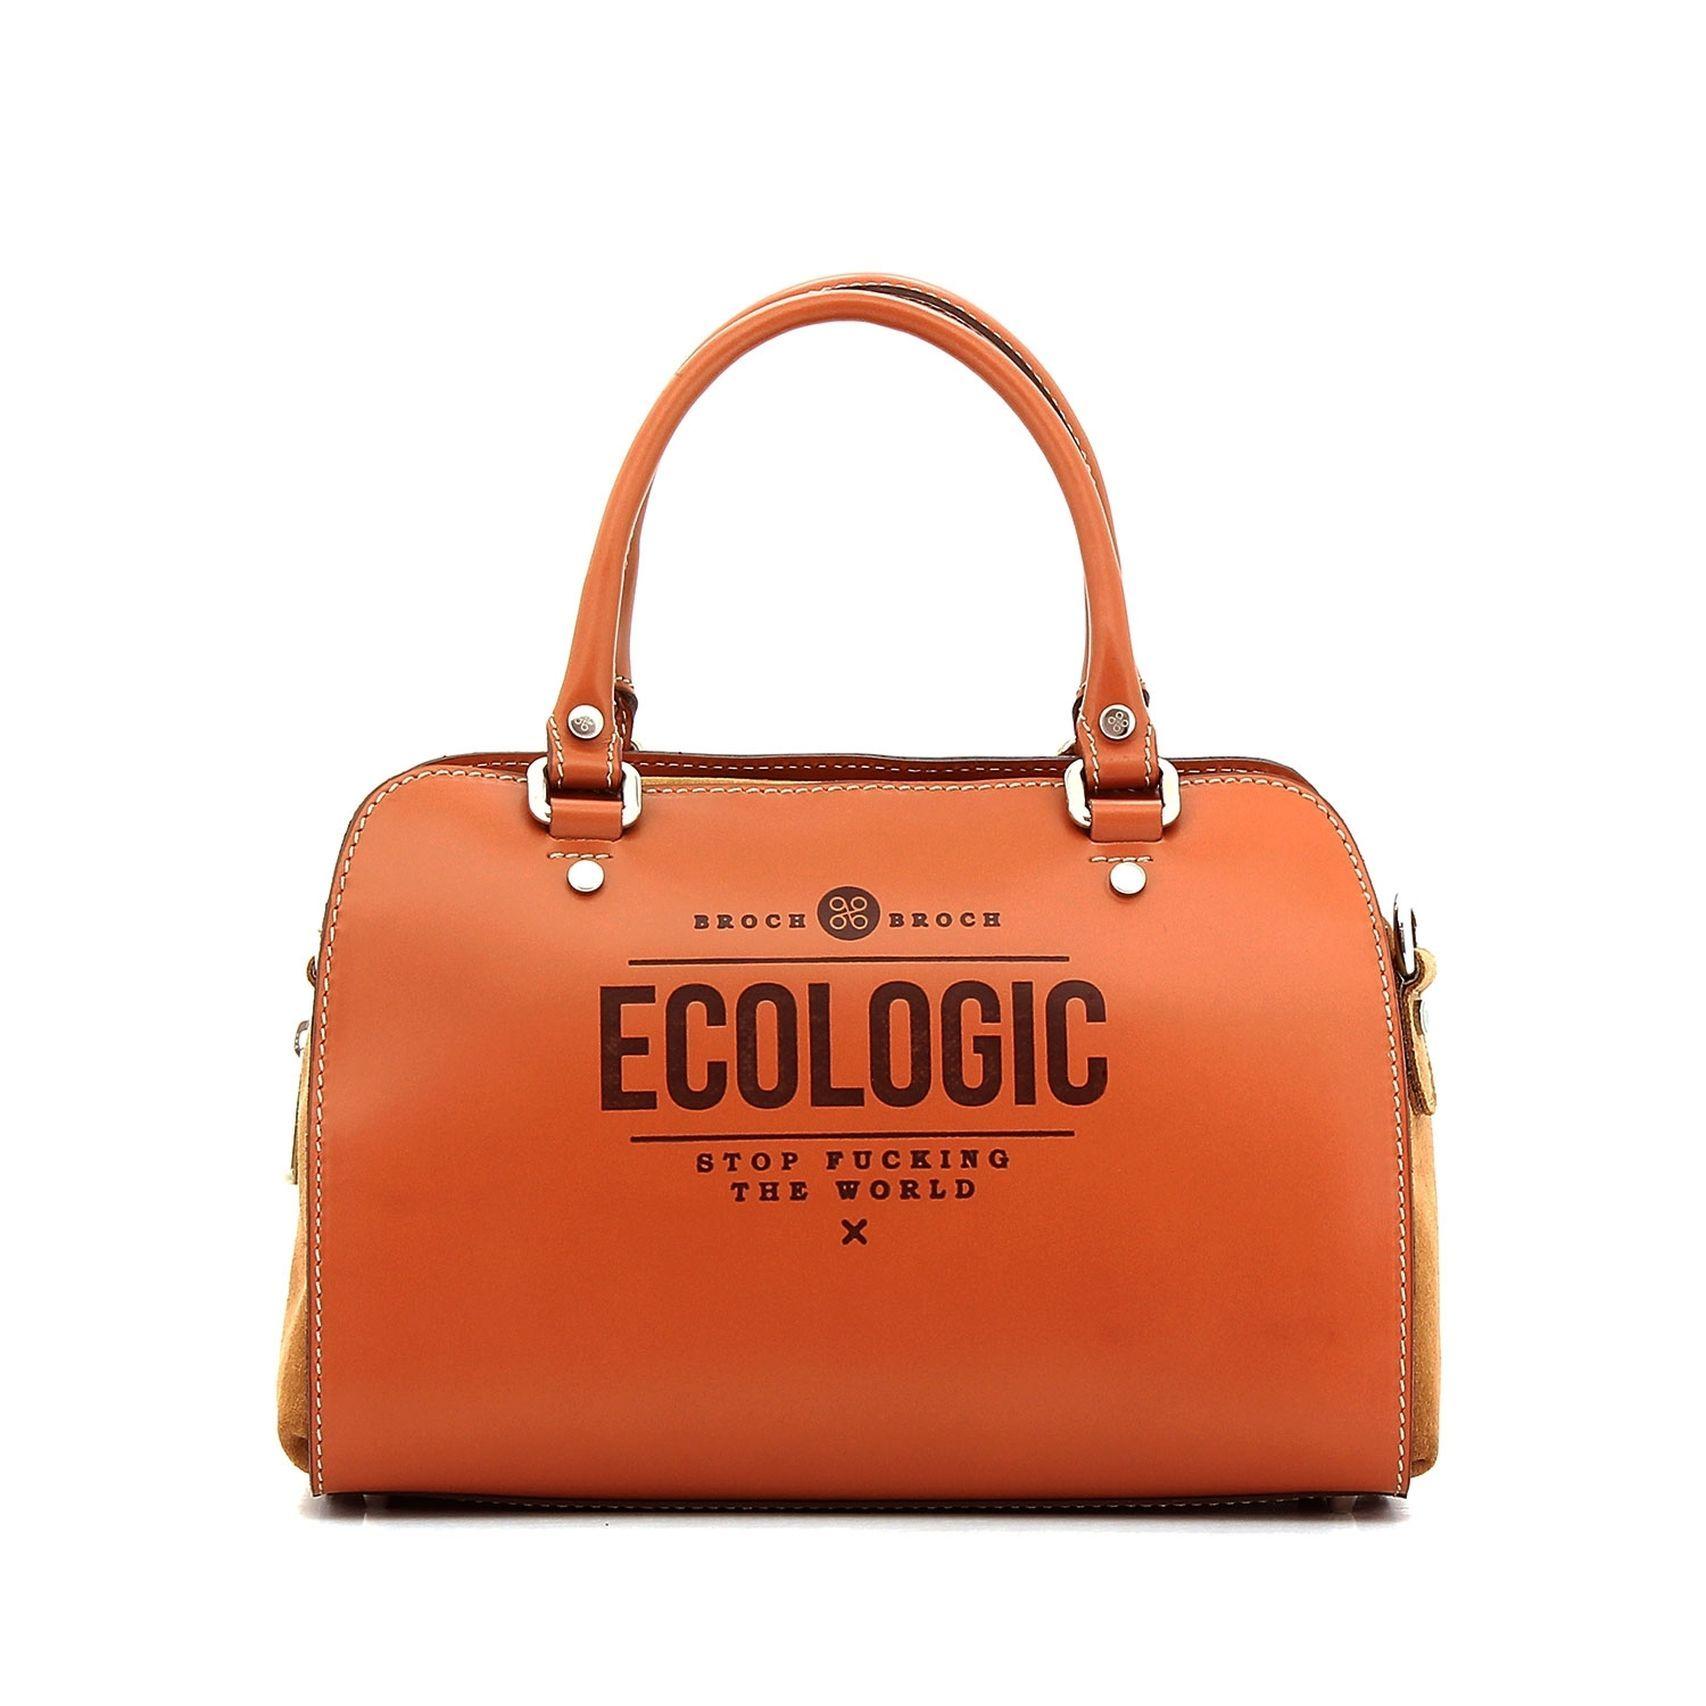 Bolsos ecológicos que marcan tendencia de Broch&Broch.